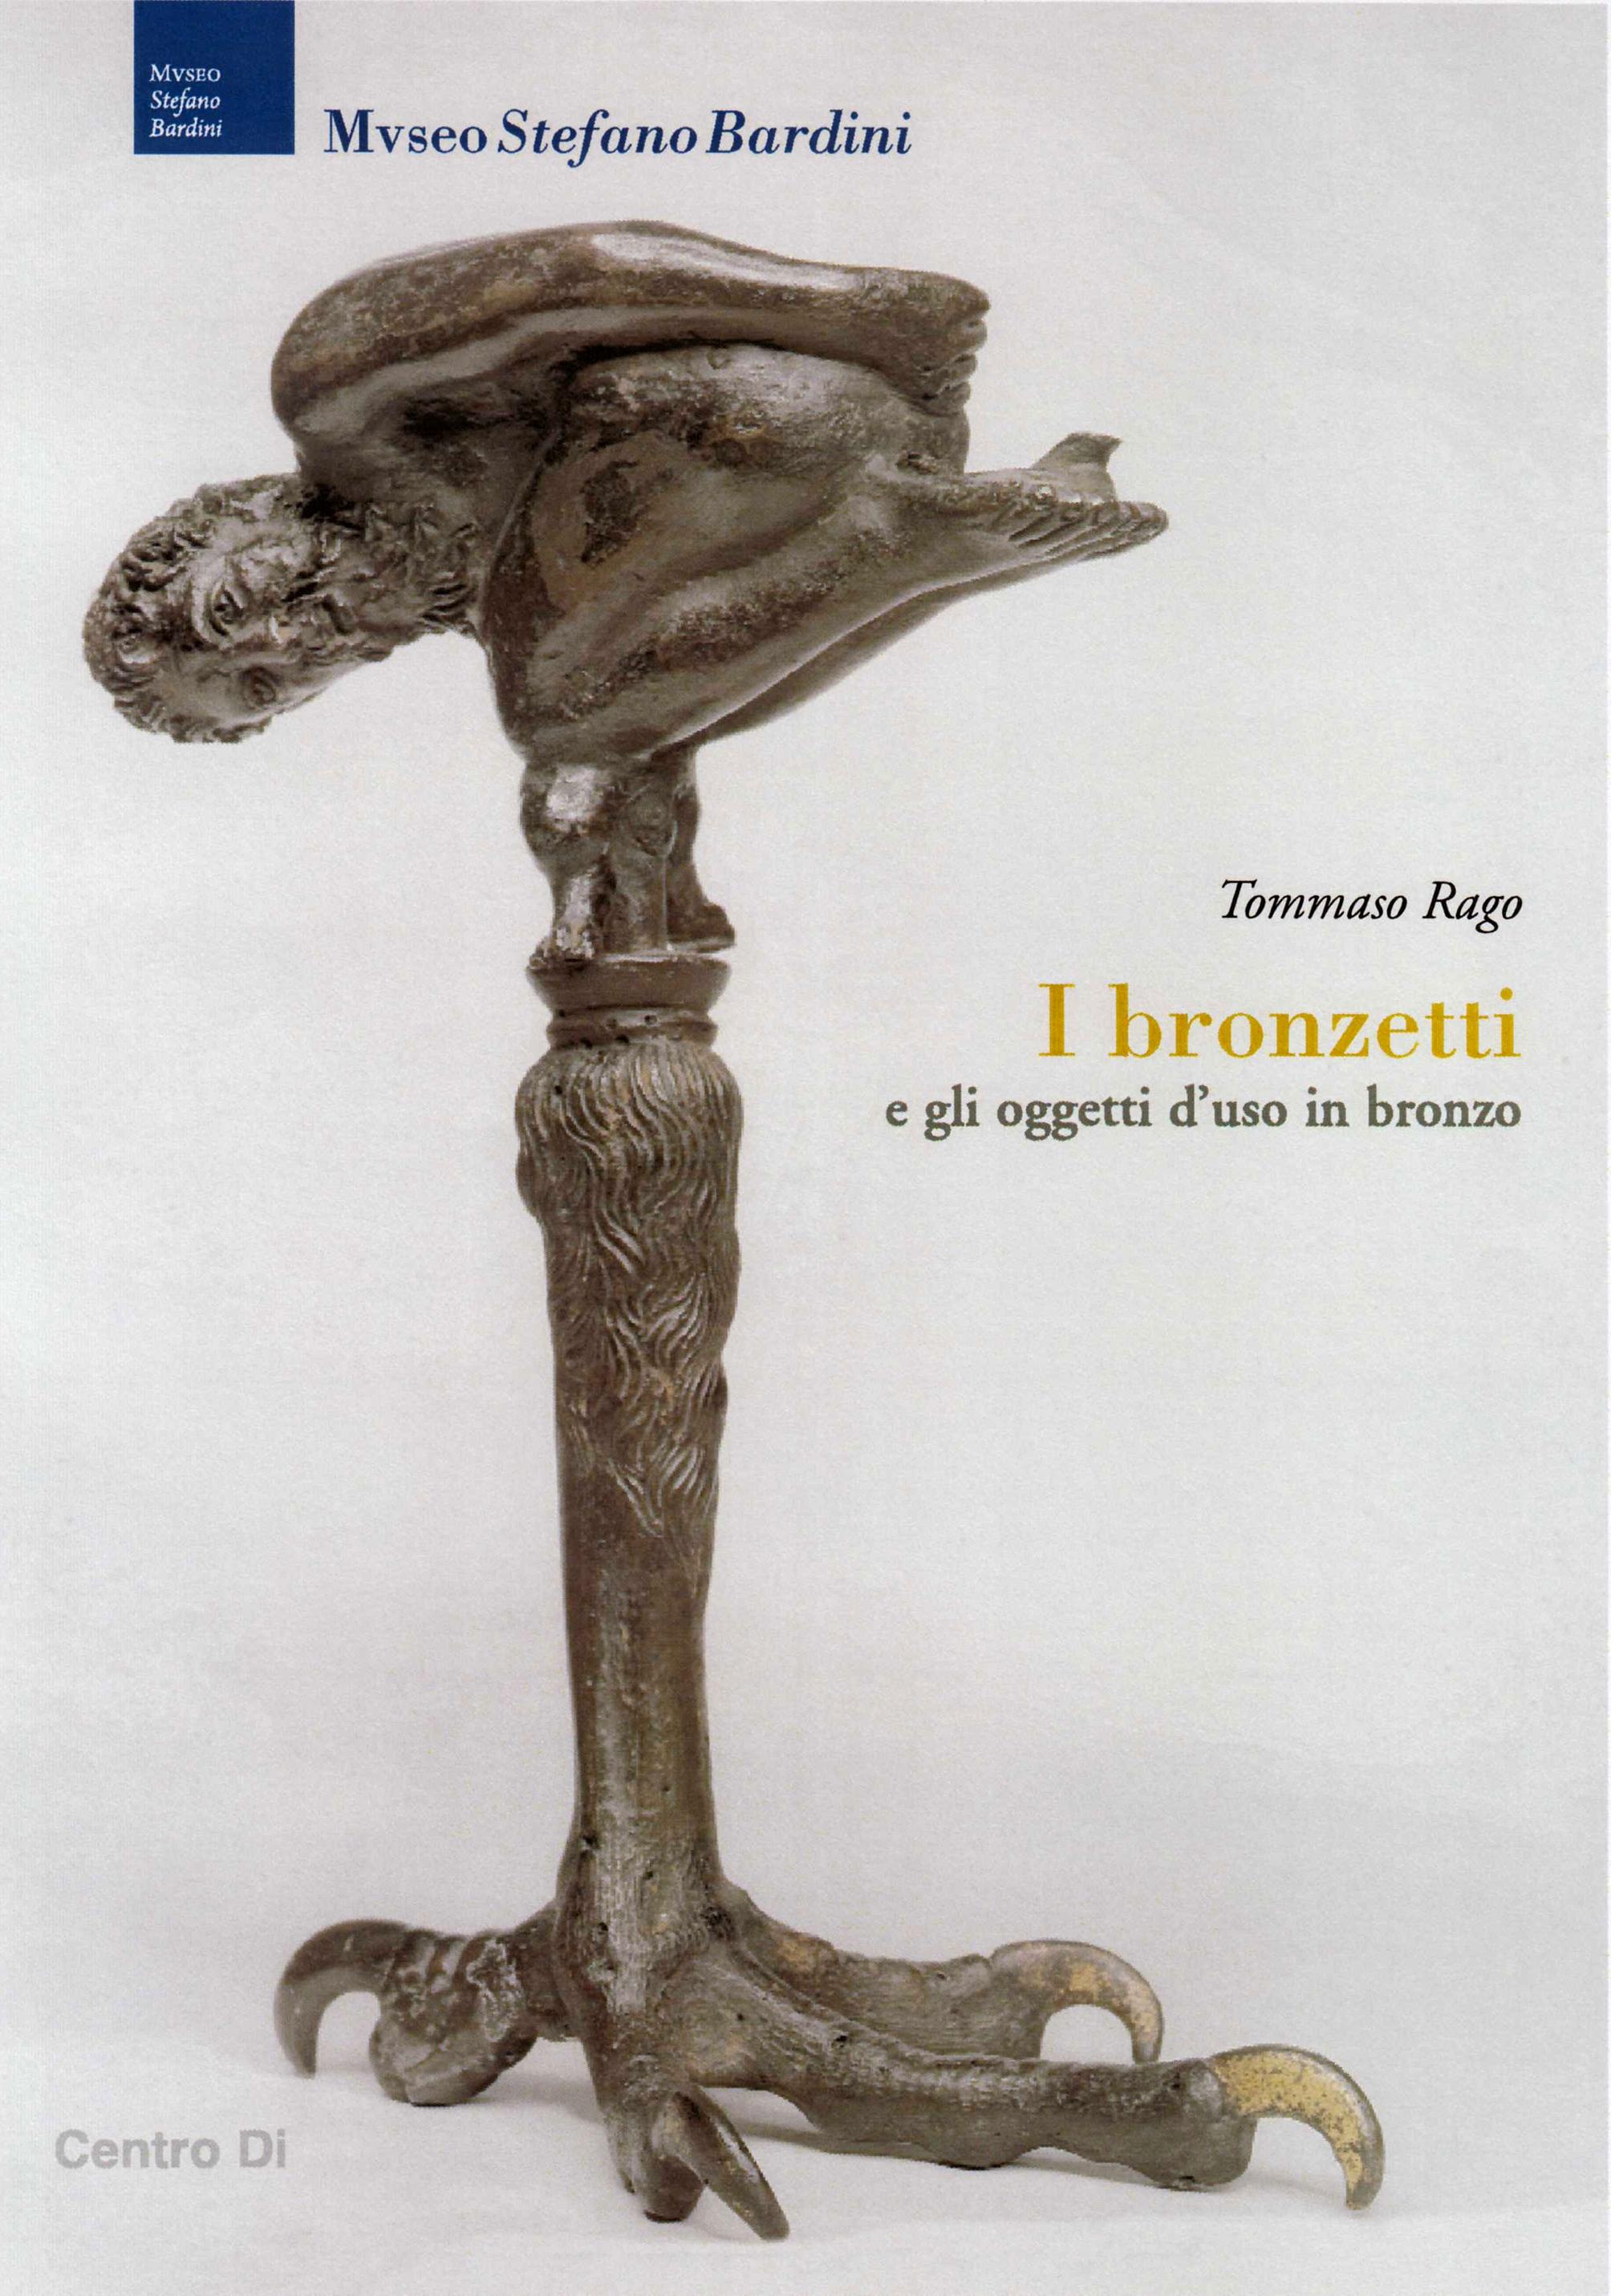 Museo Stefano Bardini. I Bronzetti e gli Oggetti d'Uso in Bronzo.